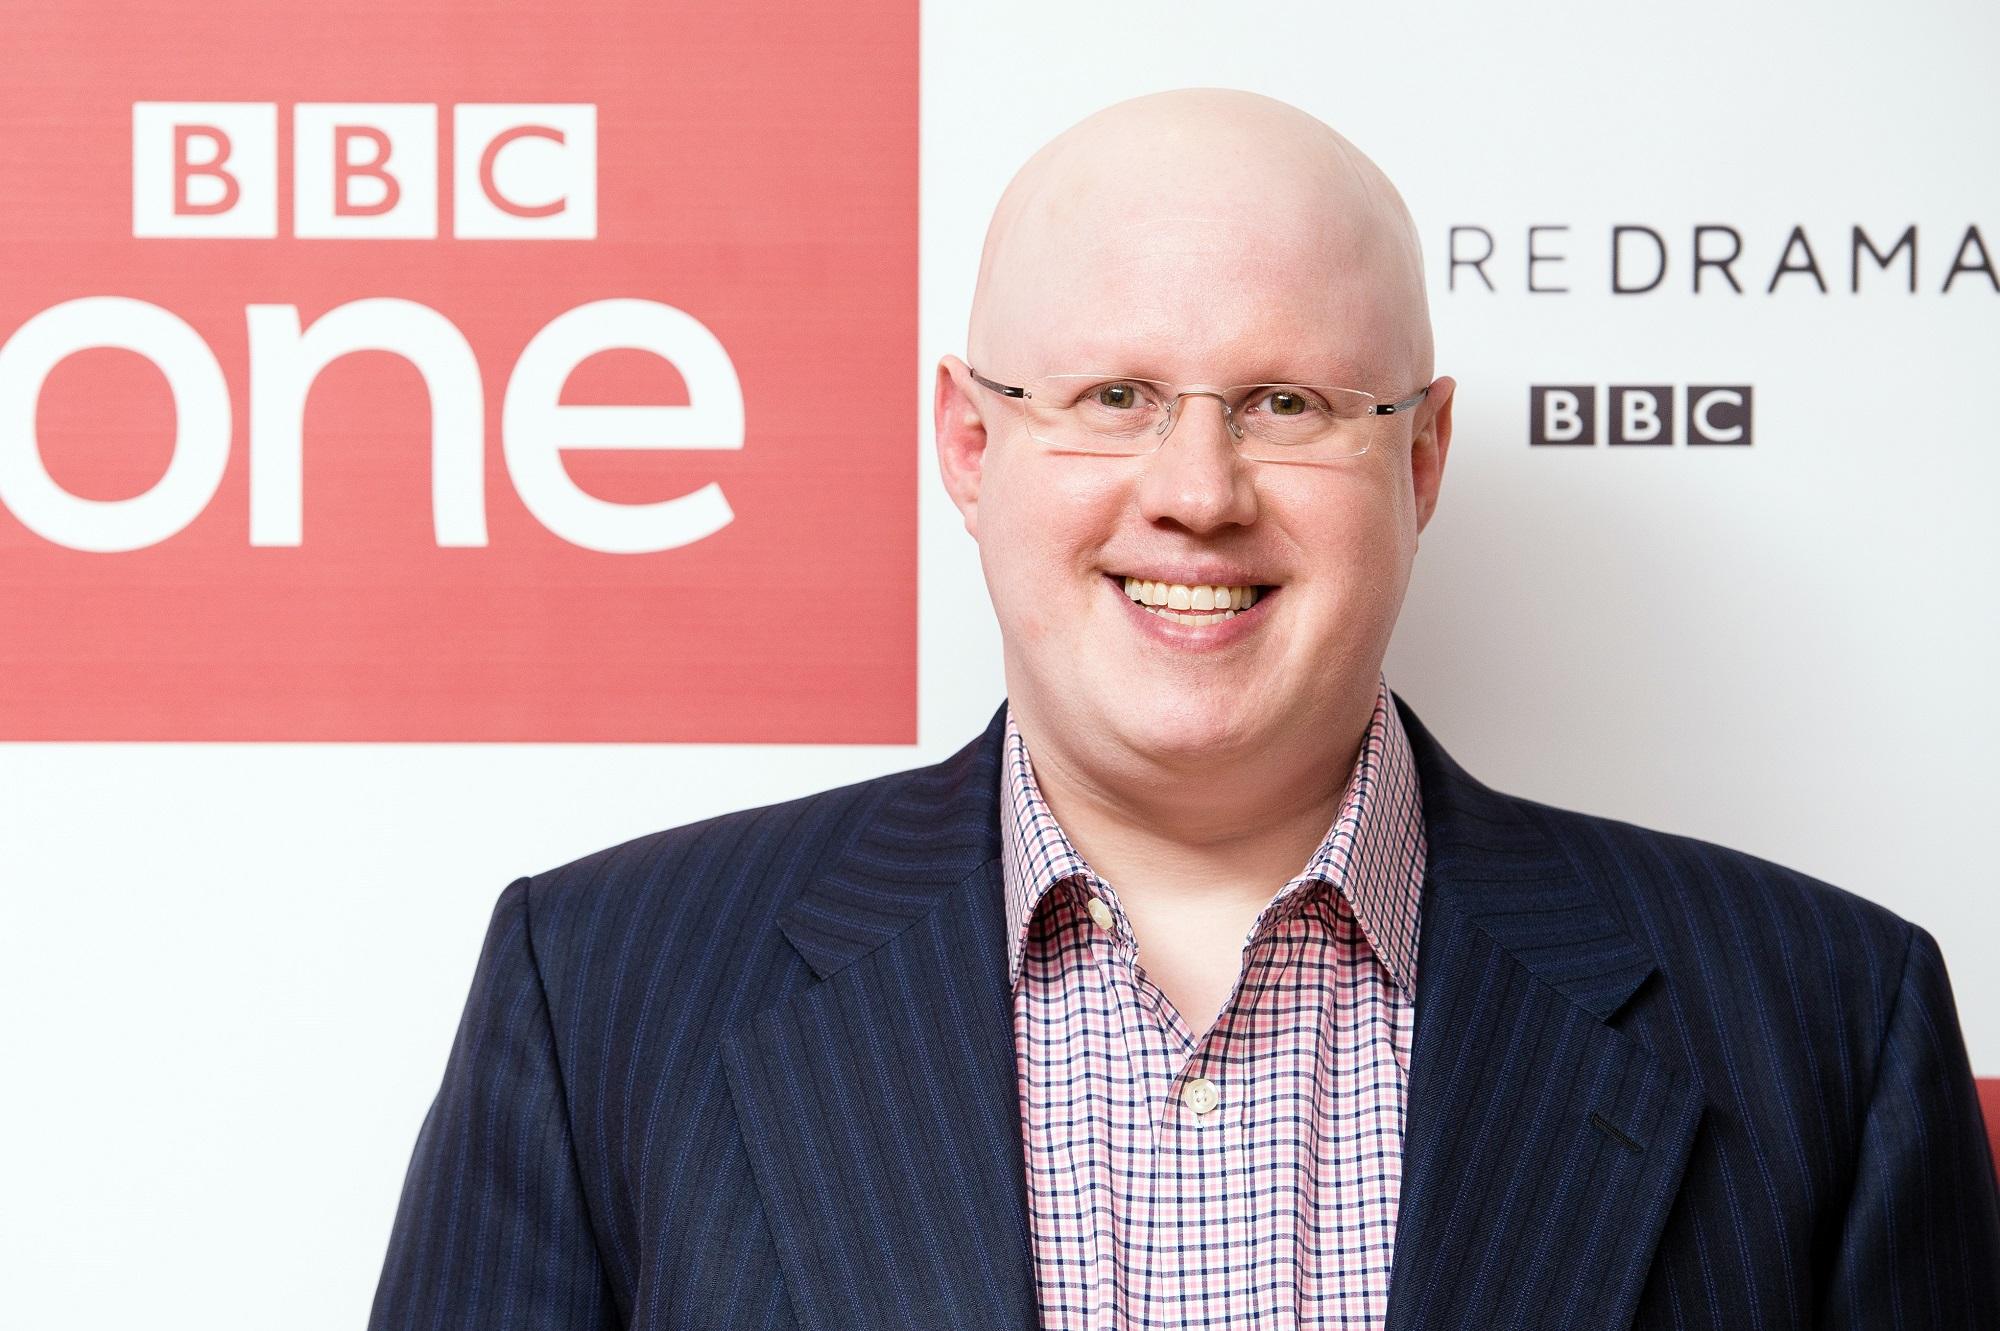 Matt Lucas of The Great British Bake Off